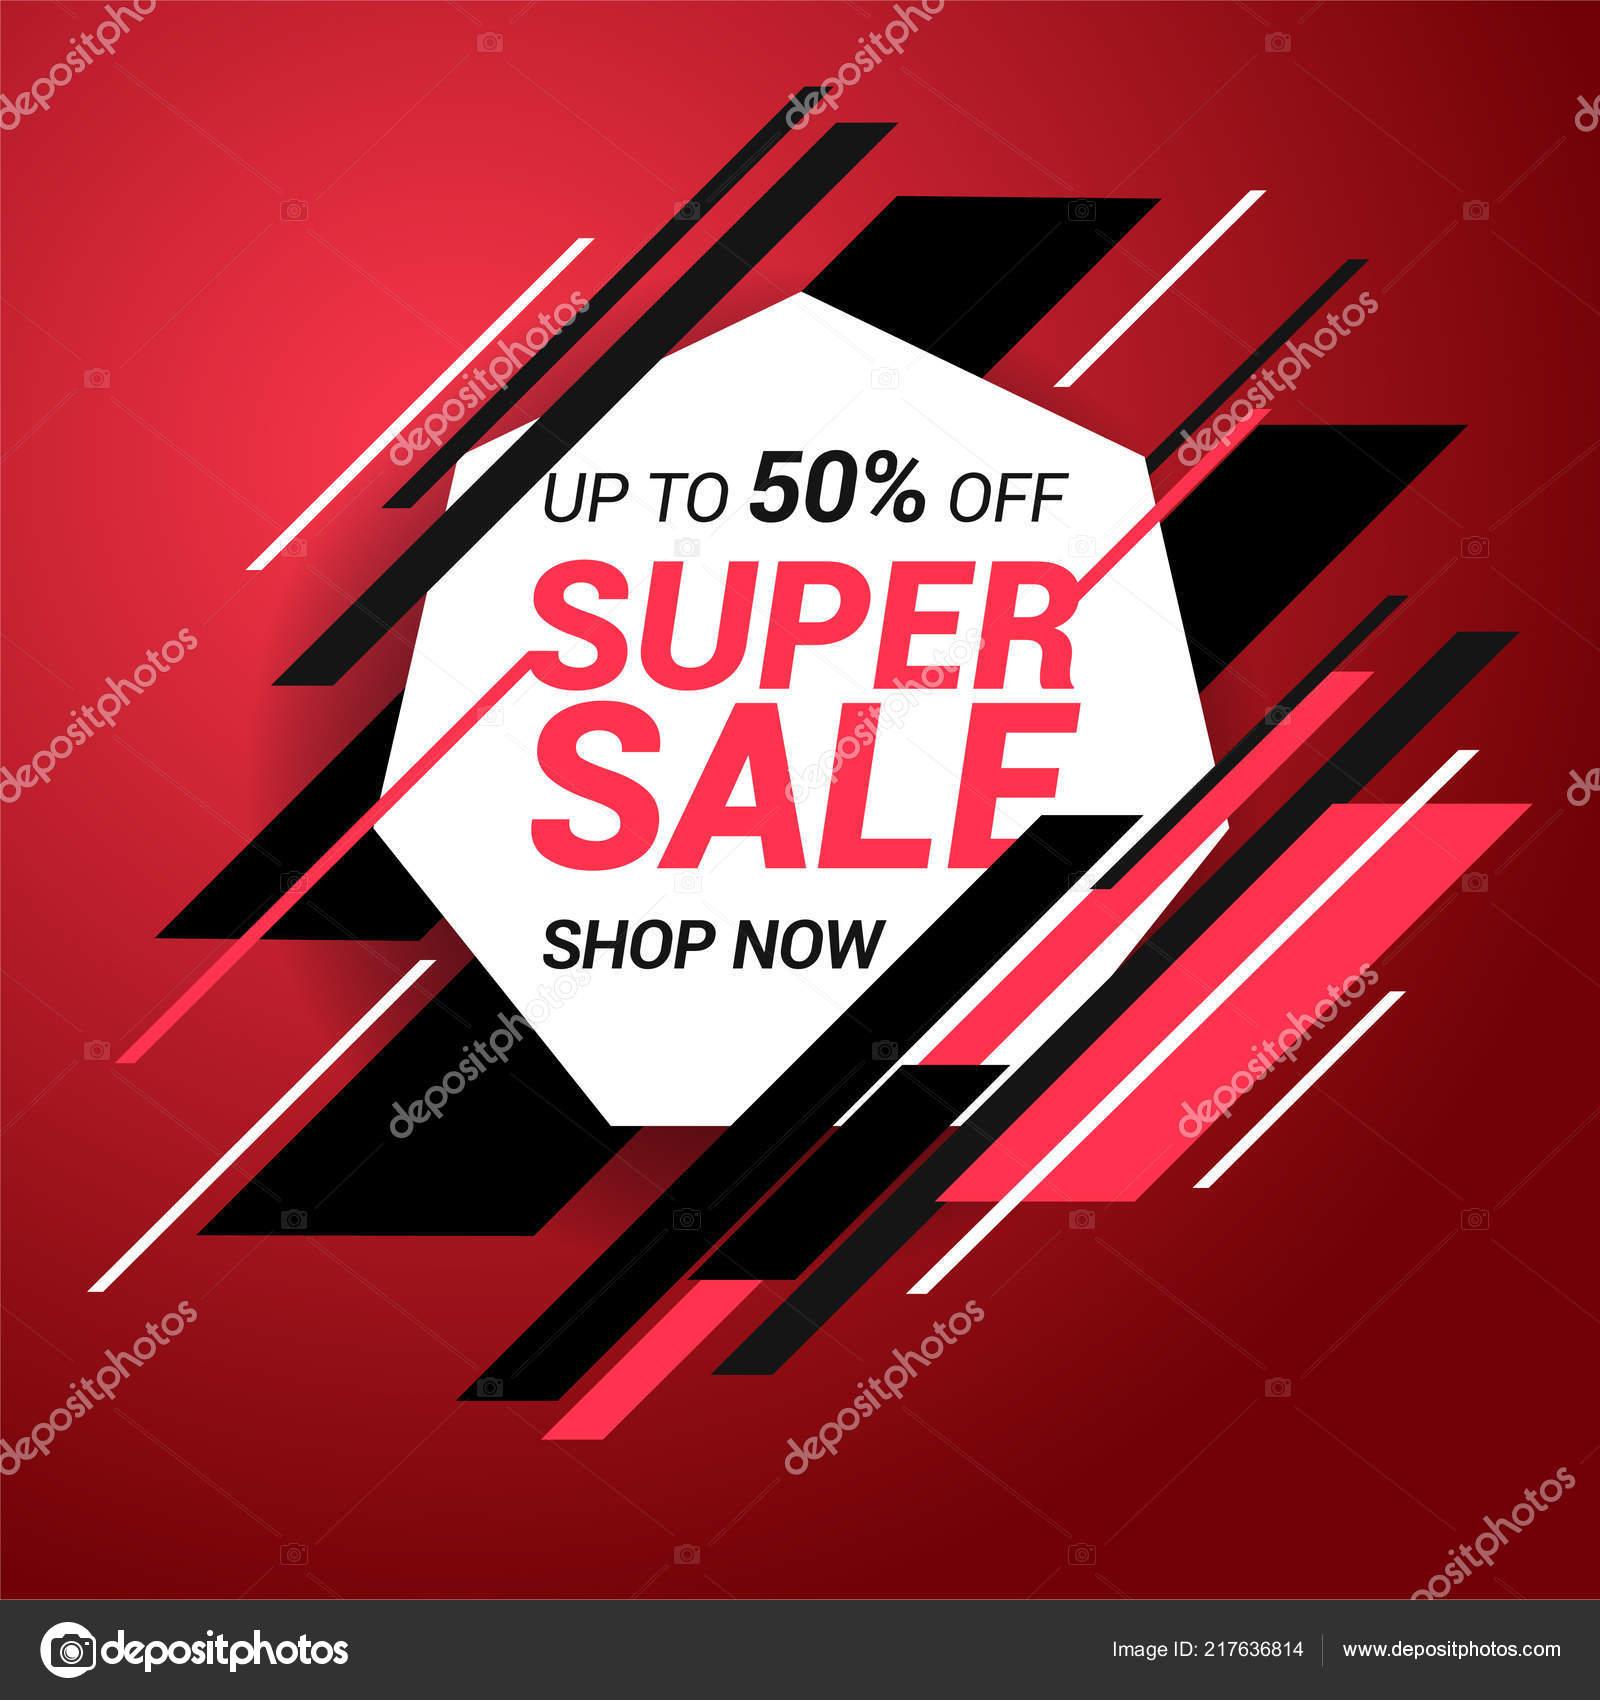 Sale banner template design. Super sale special offer. End of season special offer banner. Vector illustration.